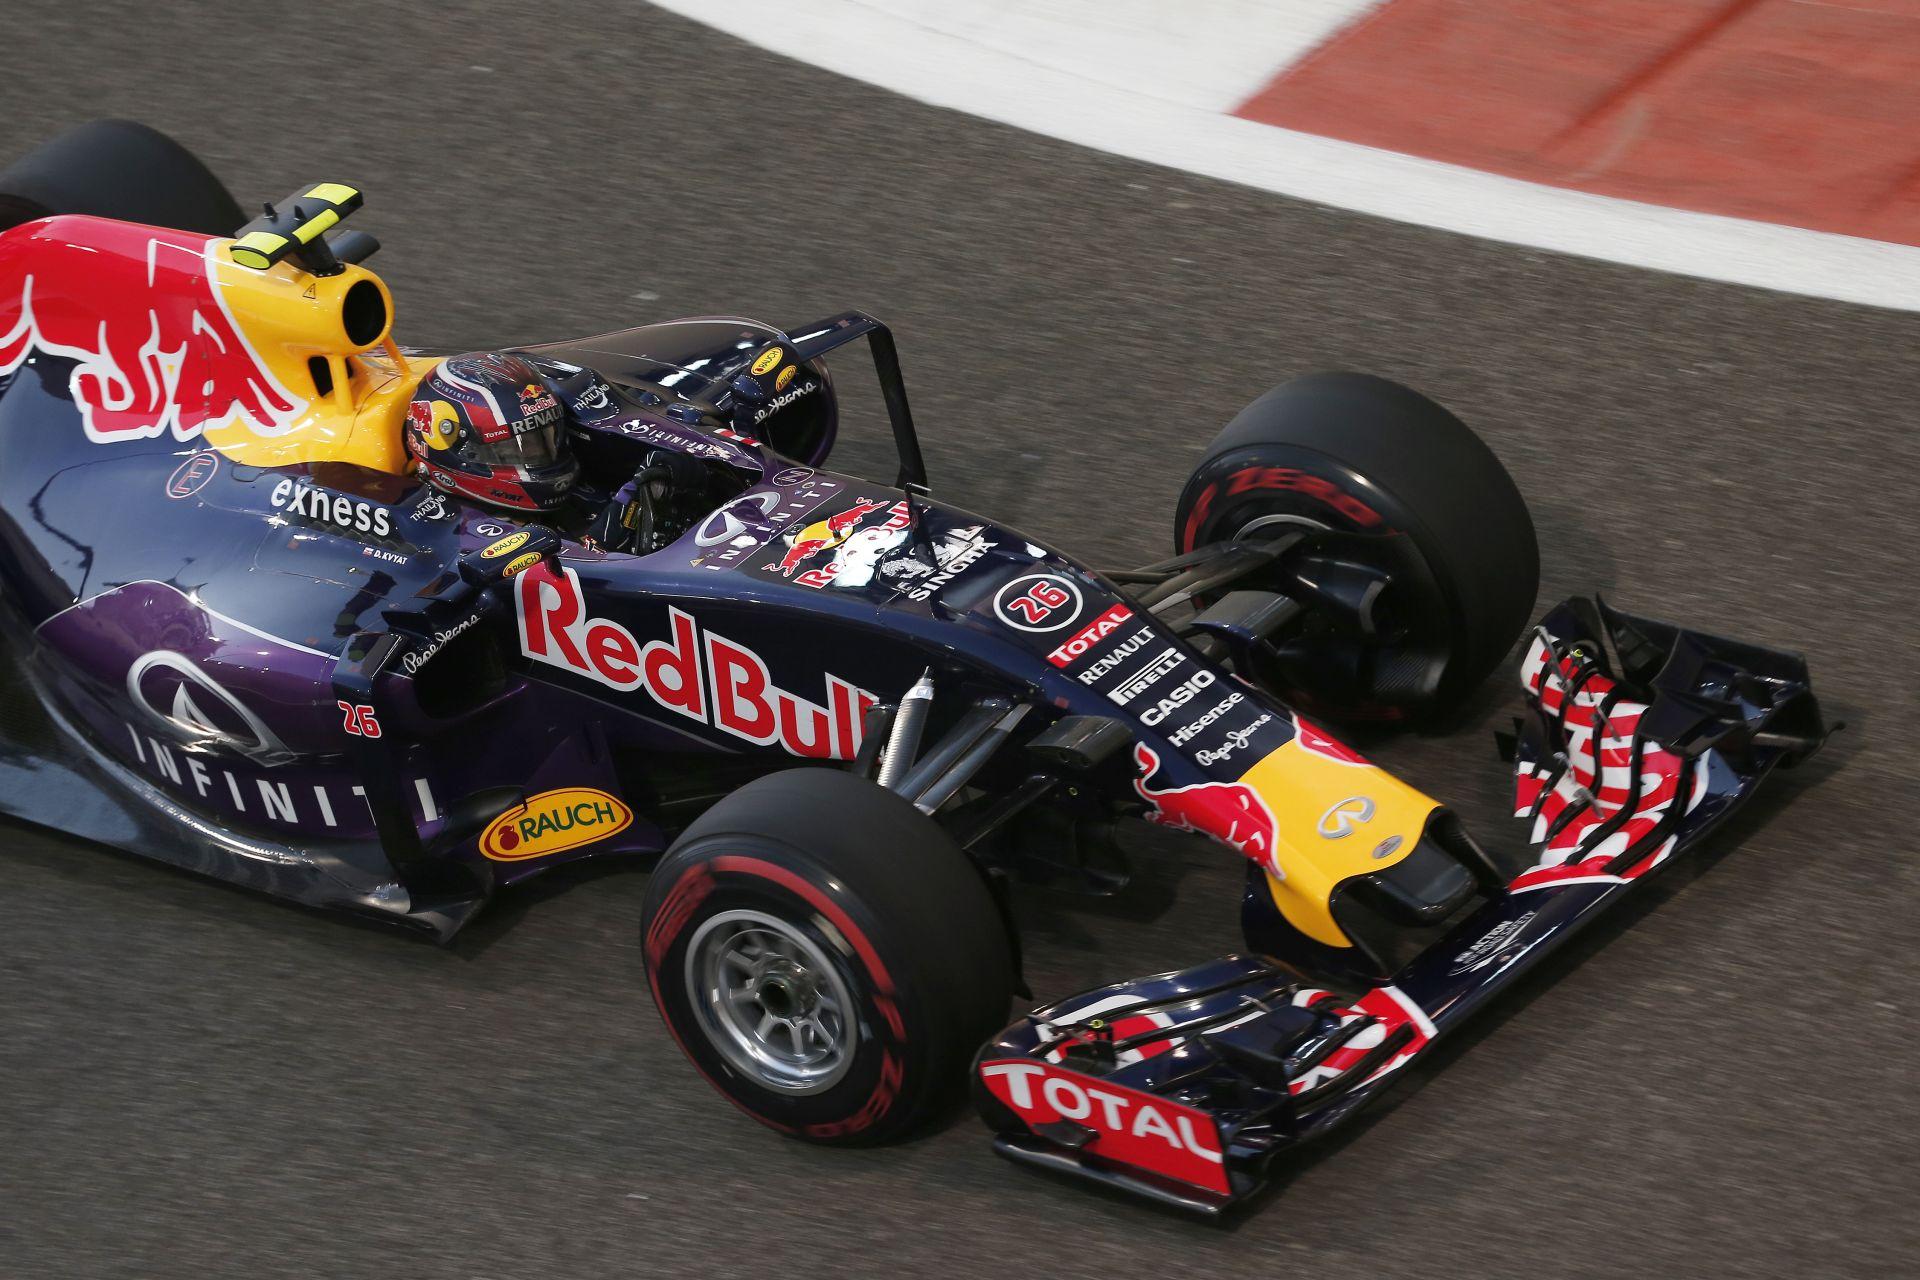 A Red Bull a Honda motorjait akarja!